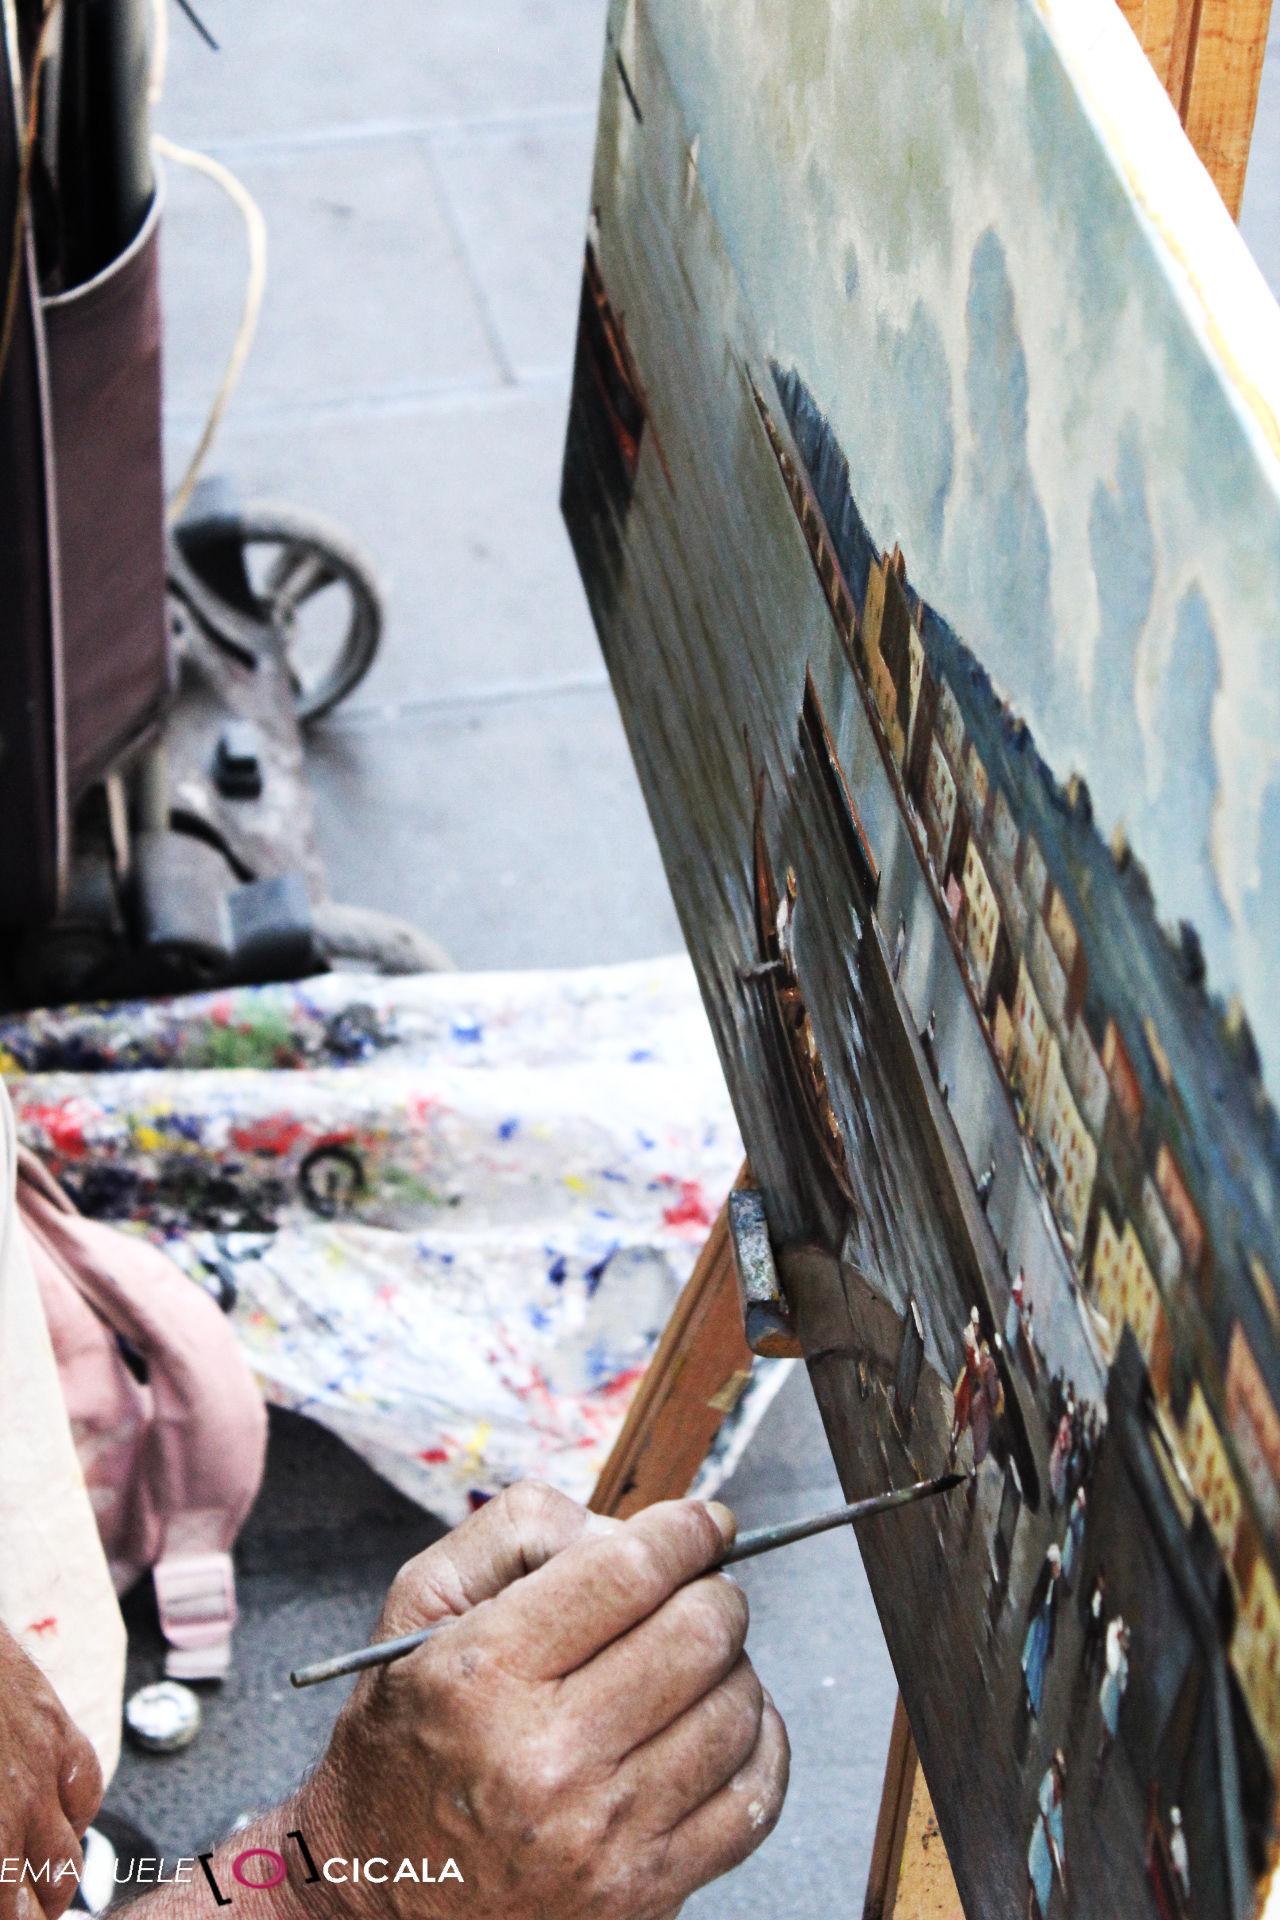 Napoli è mille colori Napoli Canonphotography Photography Canon Naples Is Wonderful Napoli Street Napolpic Napoli Italy Napolièviva Napolidavivere Napoliproject Napoli La Più Bella Del Mondo Napolinelcuore